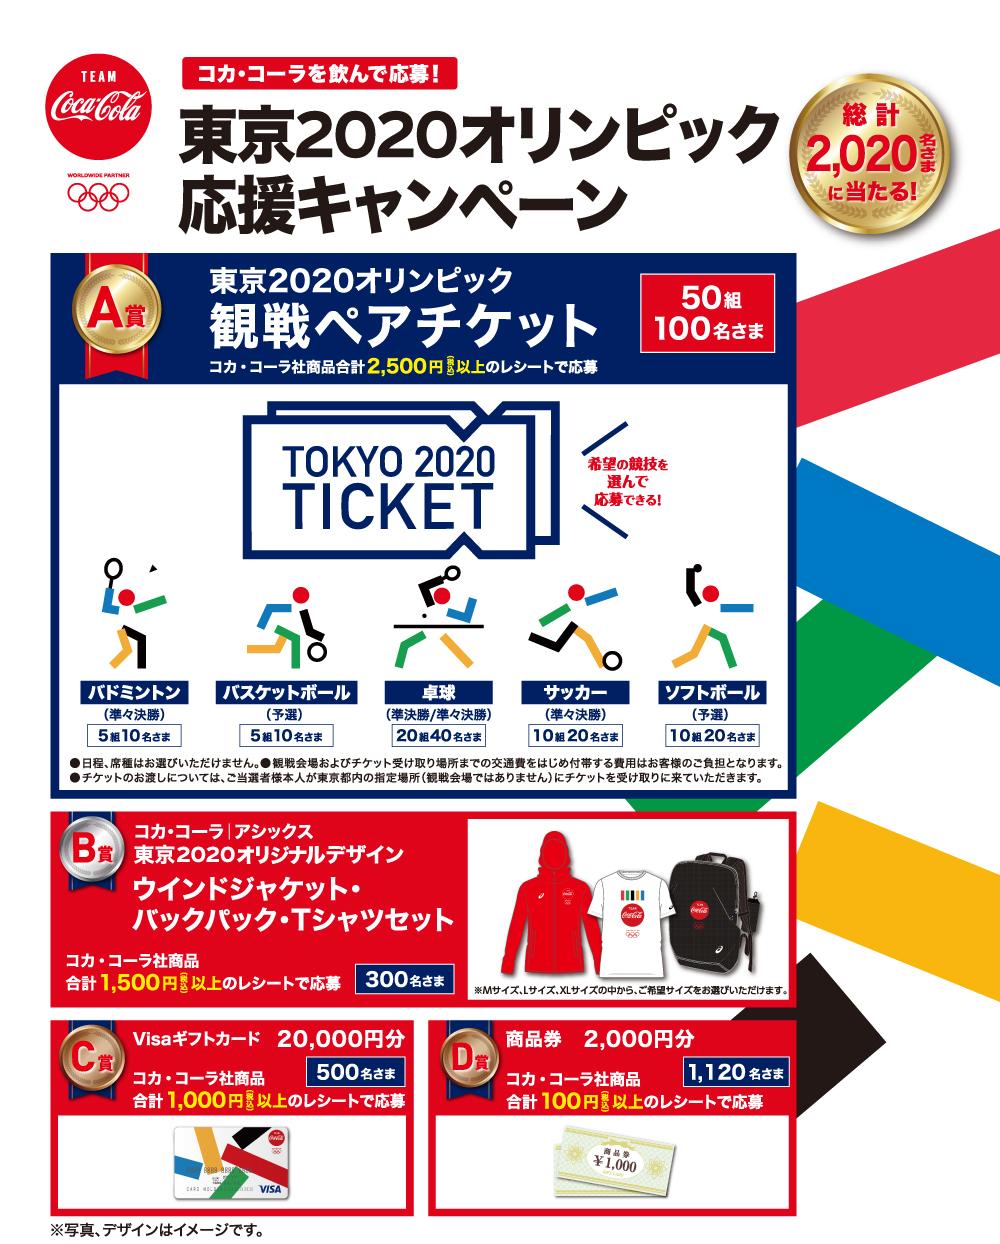 東京2020オリンピック応援キャンペーン 総計2020名さまに当たる